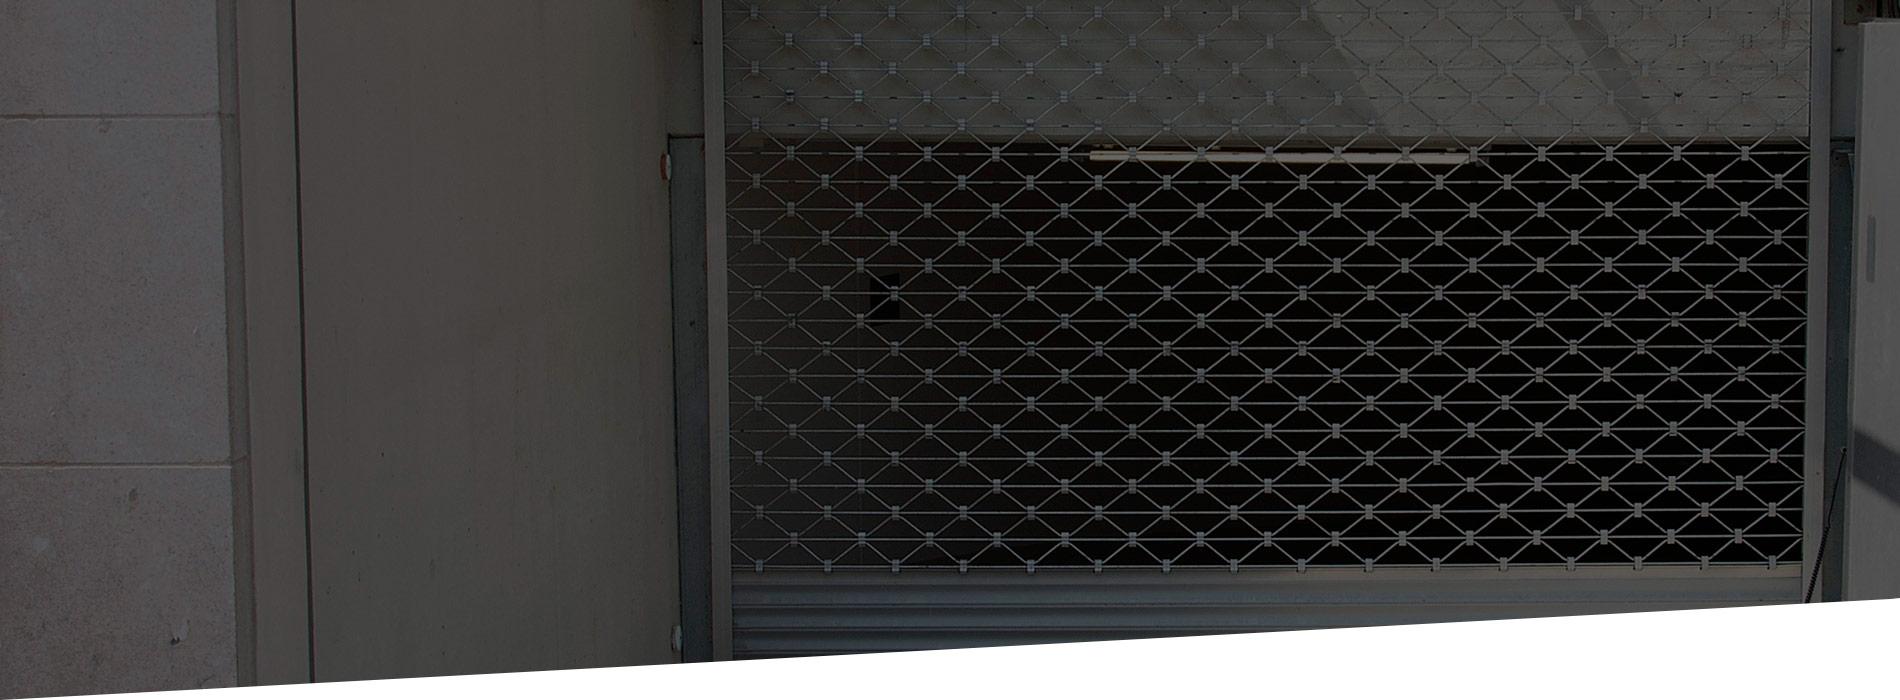 Tipos de Reparação de Portões, Portas e Grades